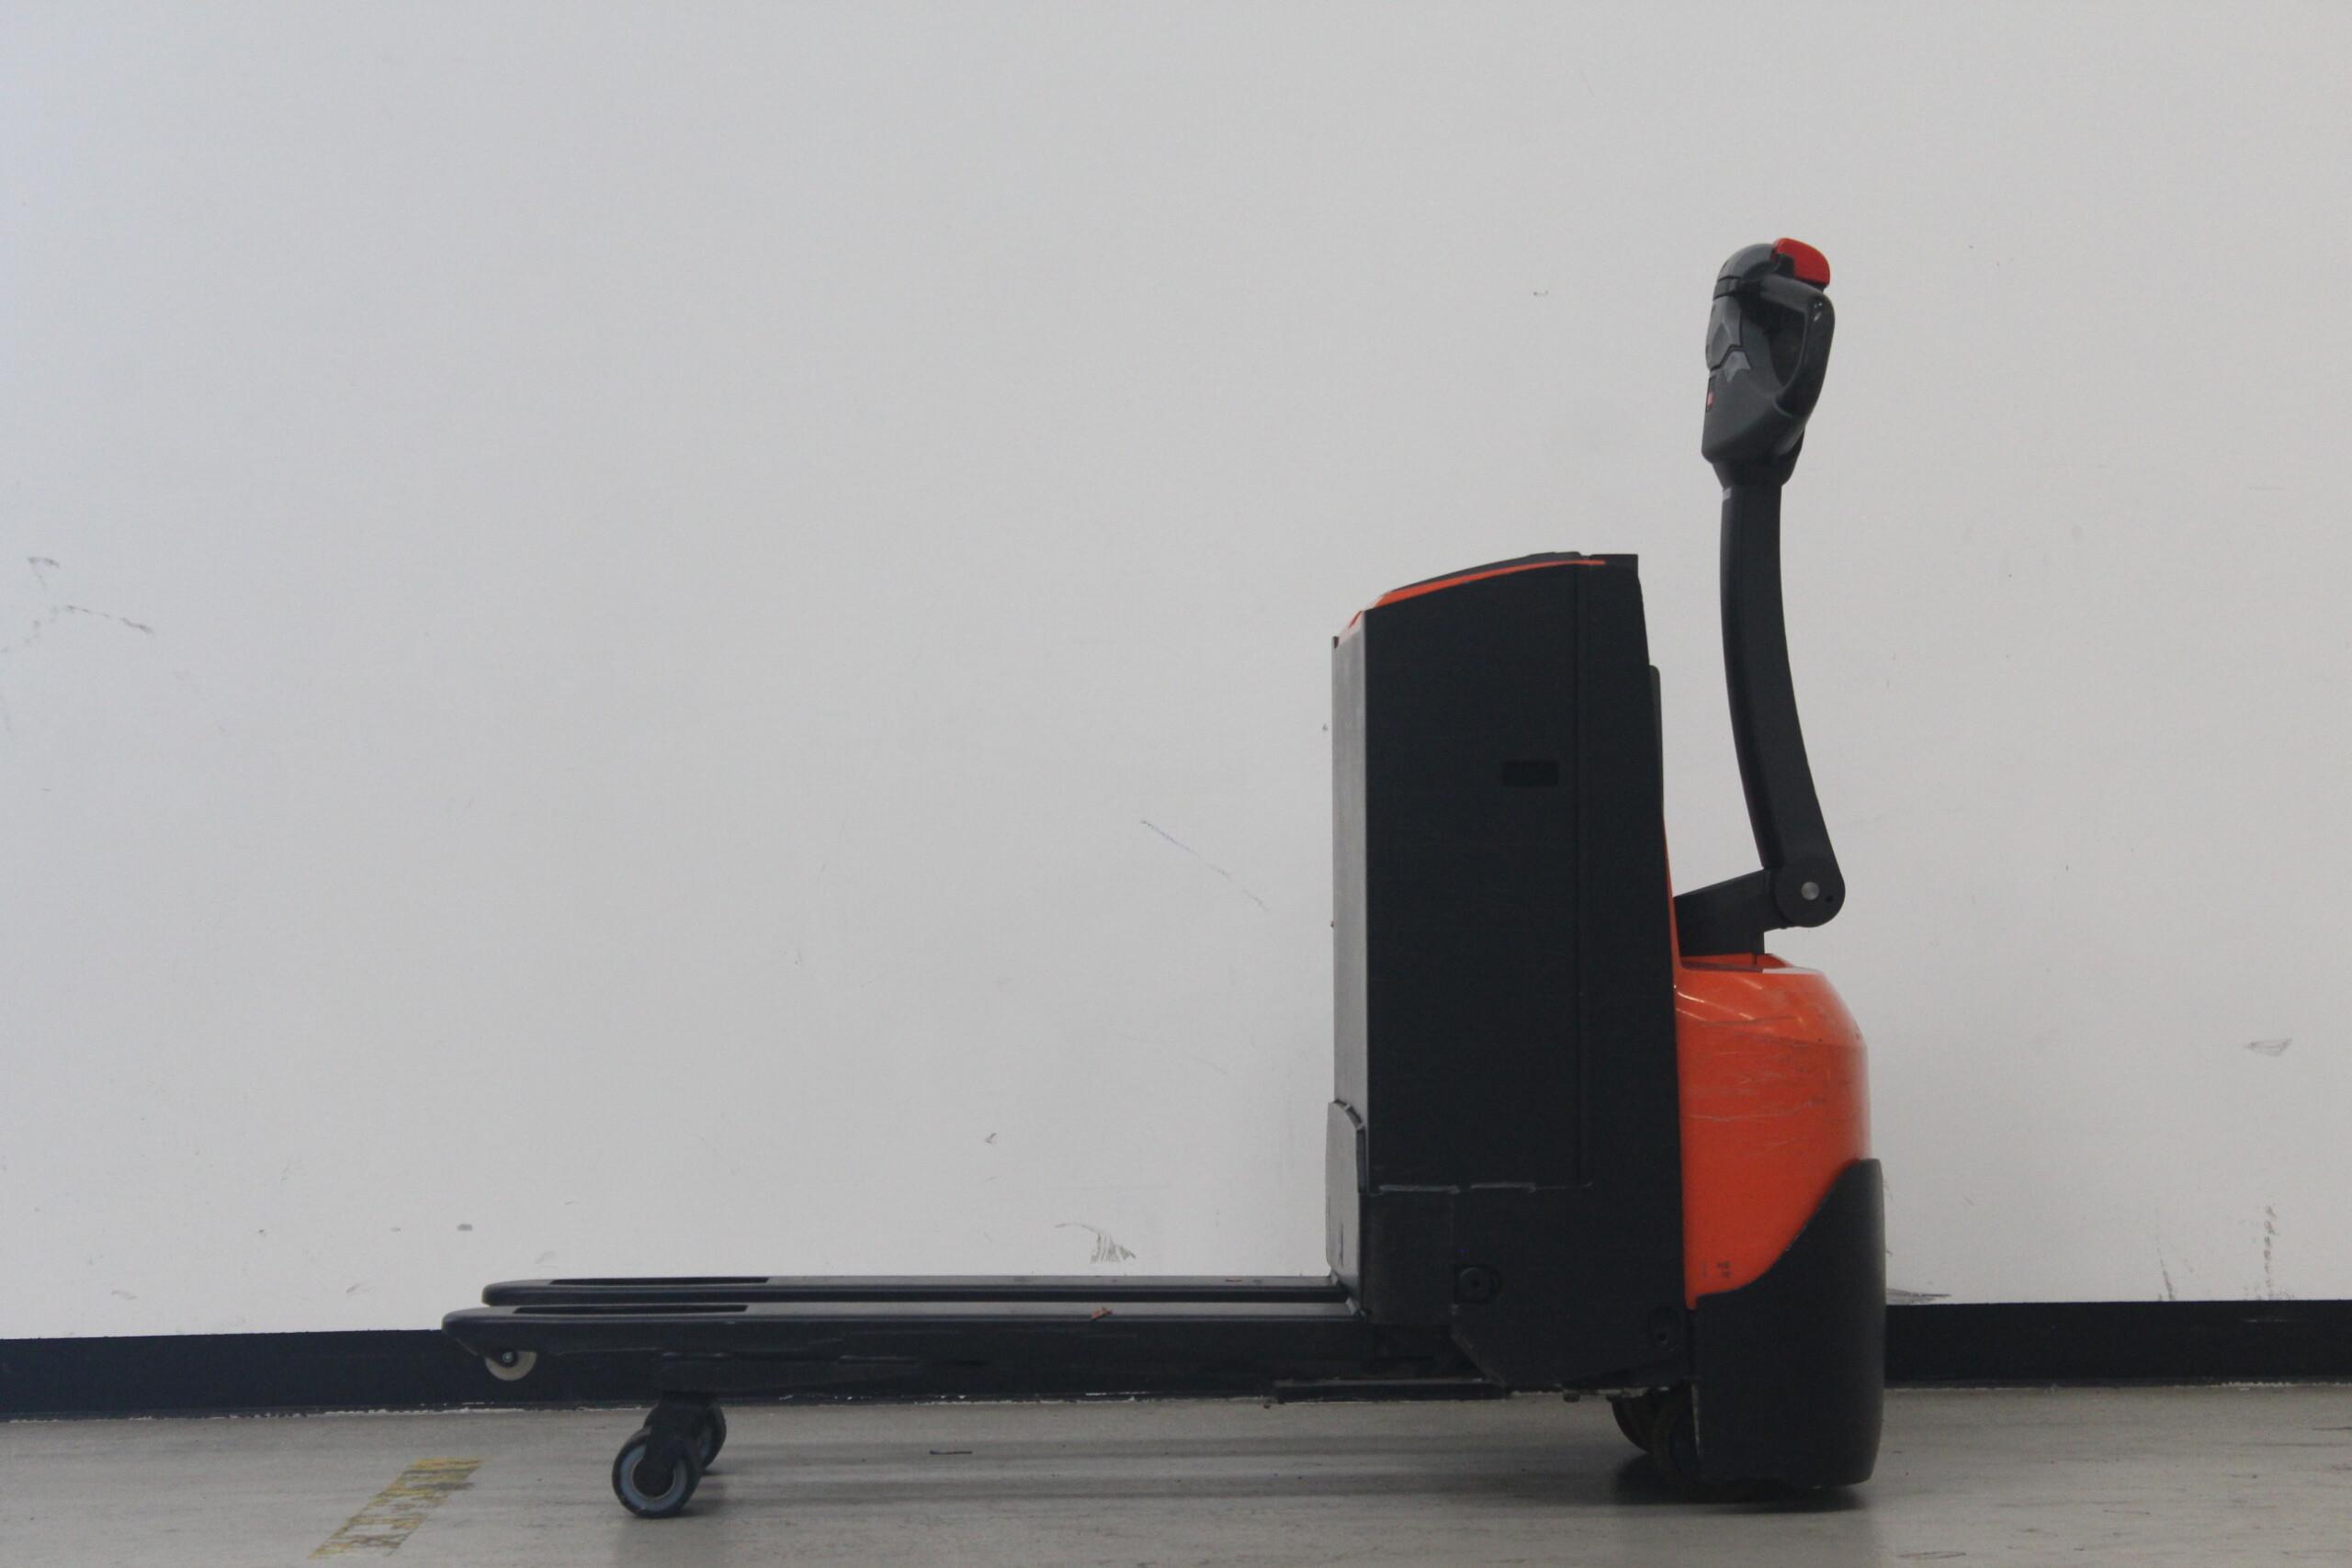 Toyota-Gabelstapler-59840 1509011927 1 8 scaled